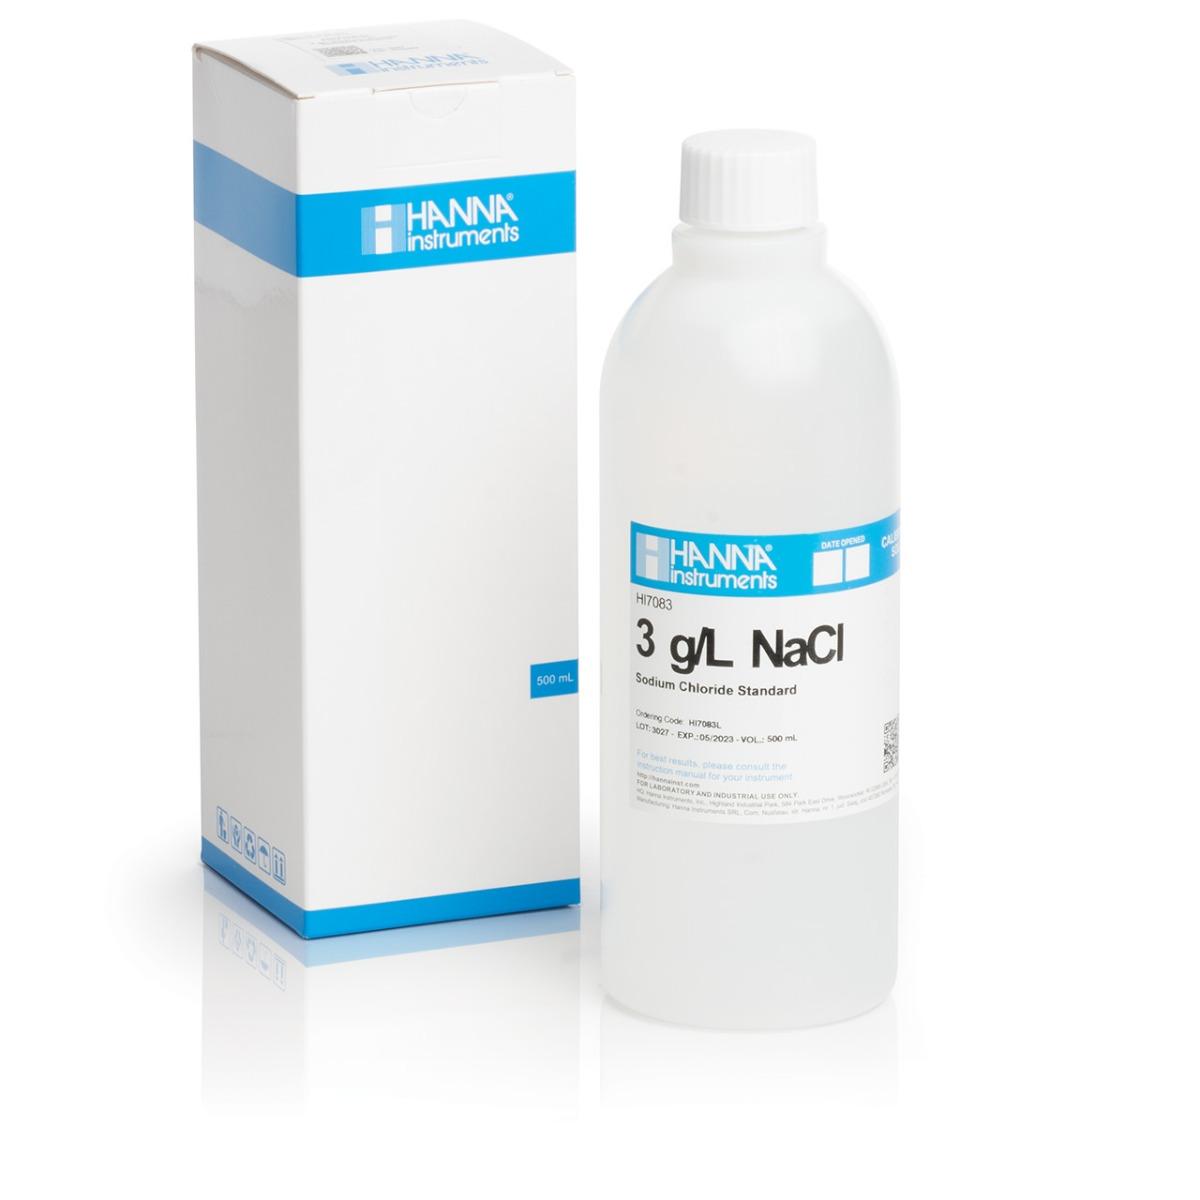 HI7083L 3.0 g/L NaCl Standard Solution (500 mL)